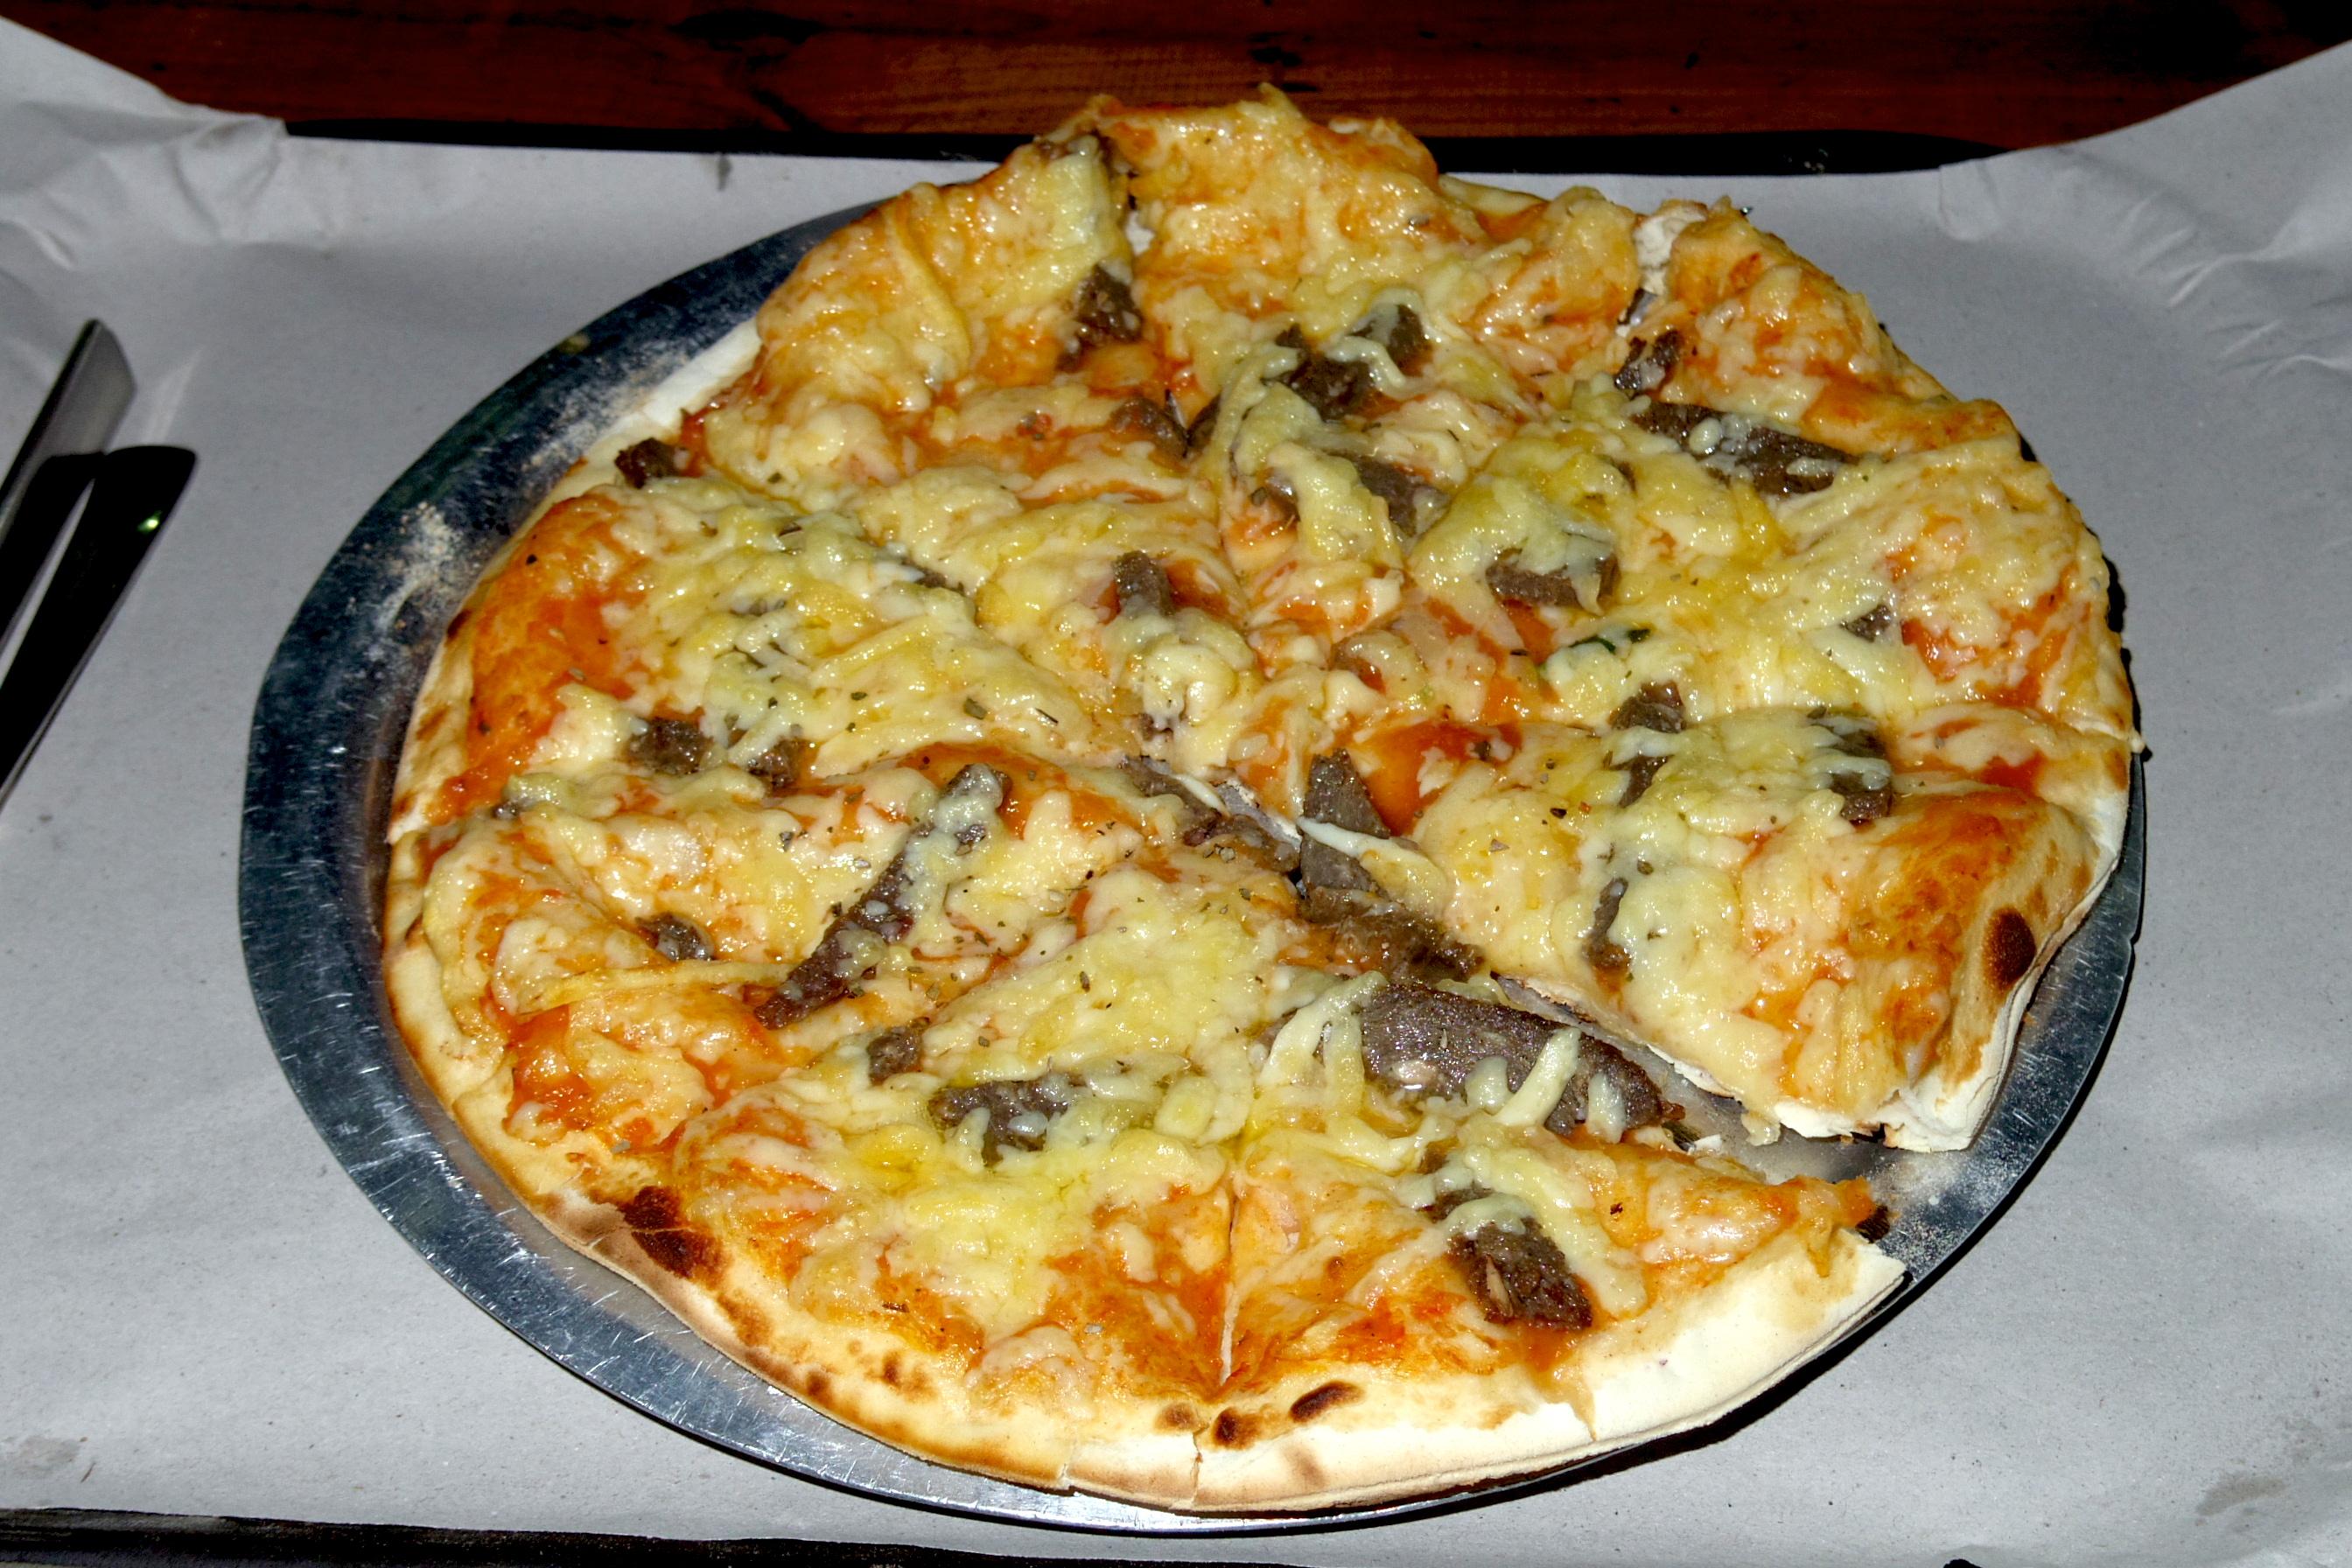 【ポカラ】安くて美味しいと評判の窯焼きピザ屋『ポカラピザハウス(Pokhara Pizaa House)』に行ってみたが・・。